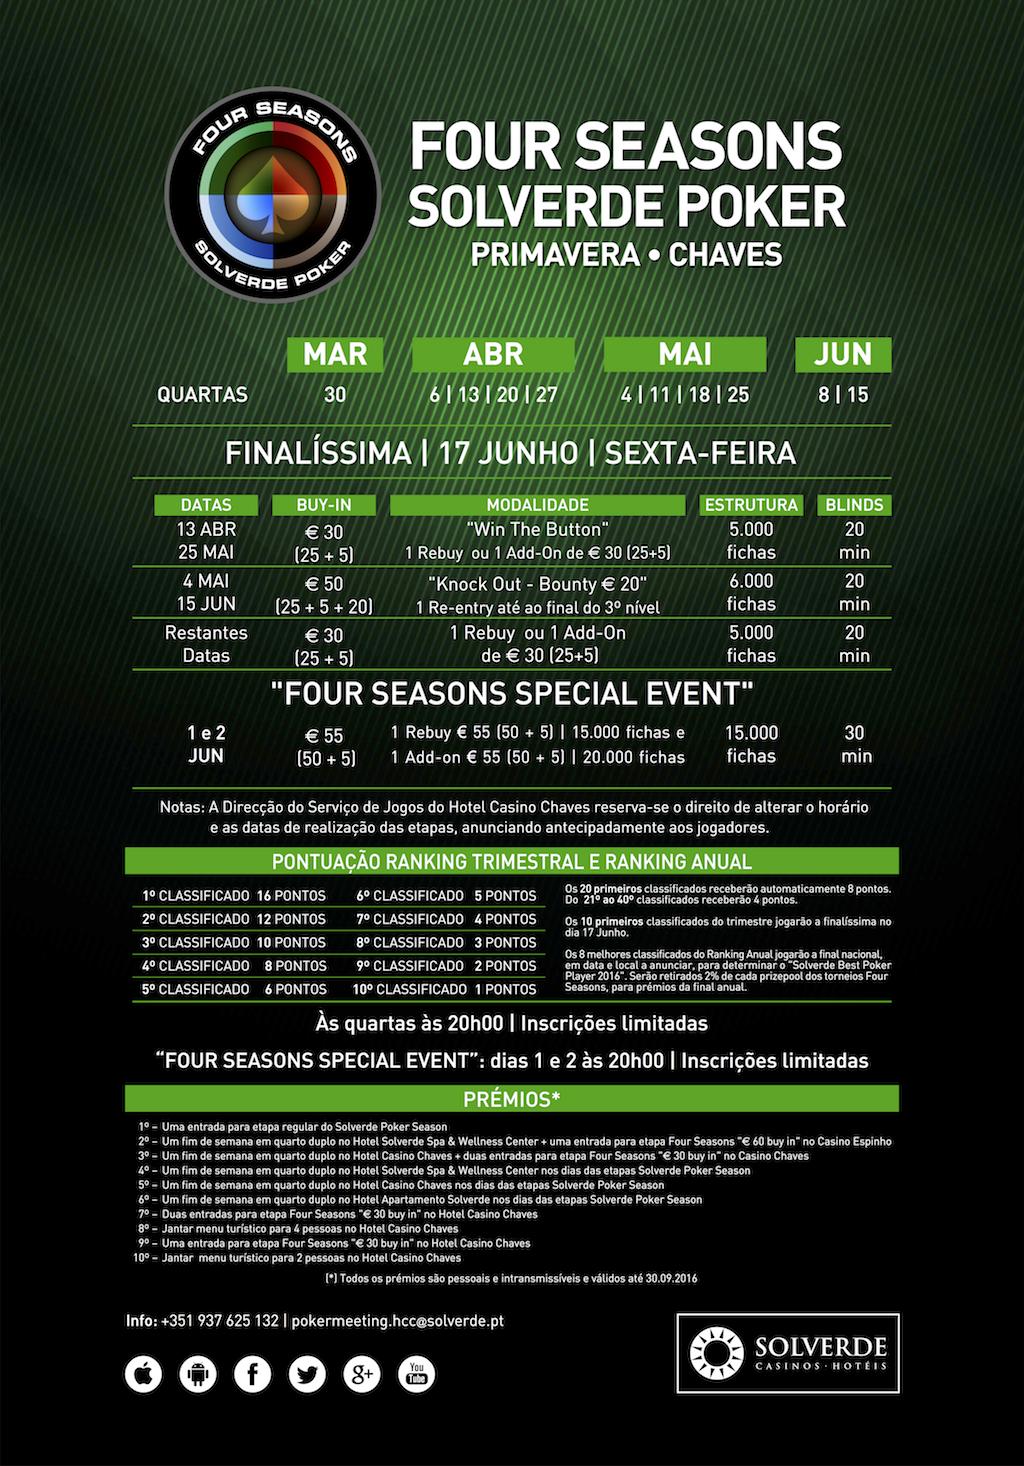 Four Season Solverde Poker Primavera Arranca a 30 de Março em Chaves 101